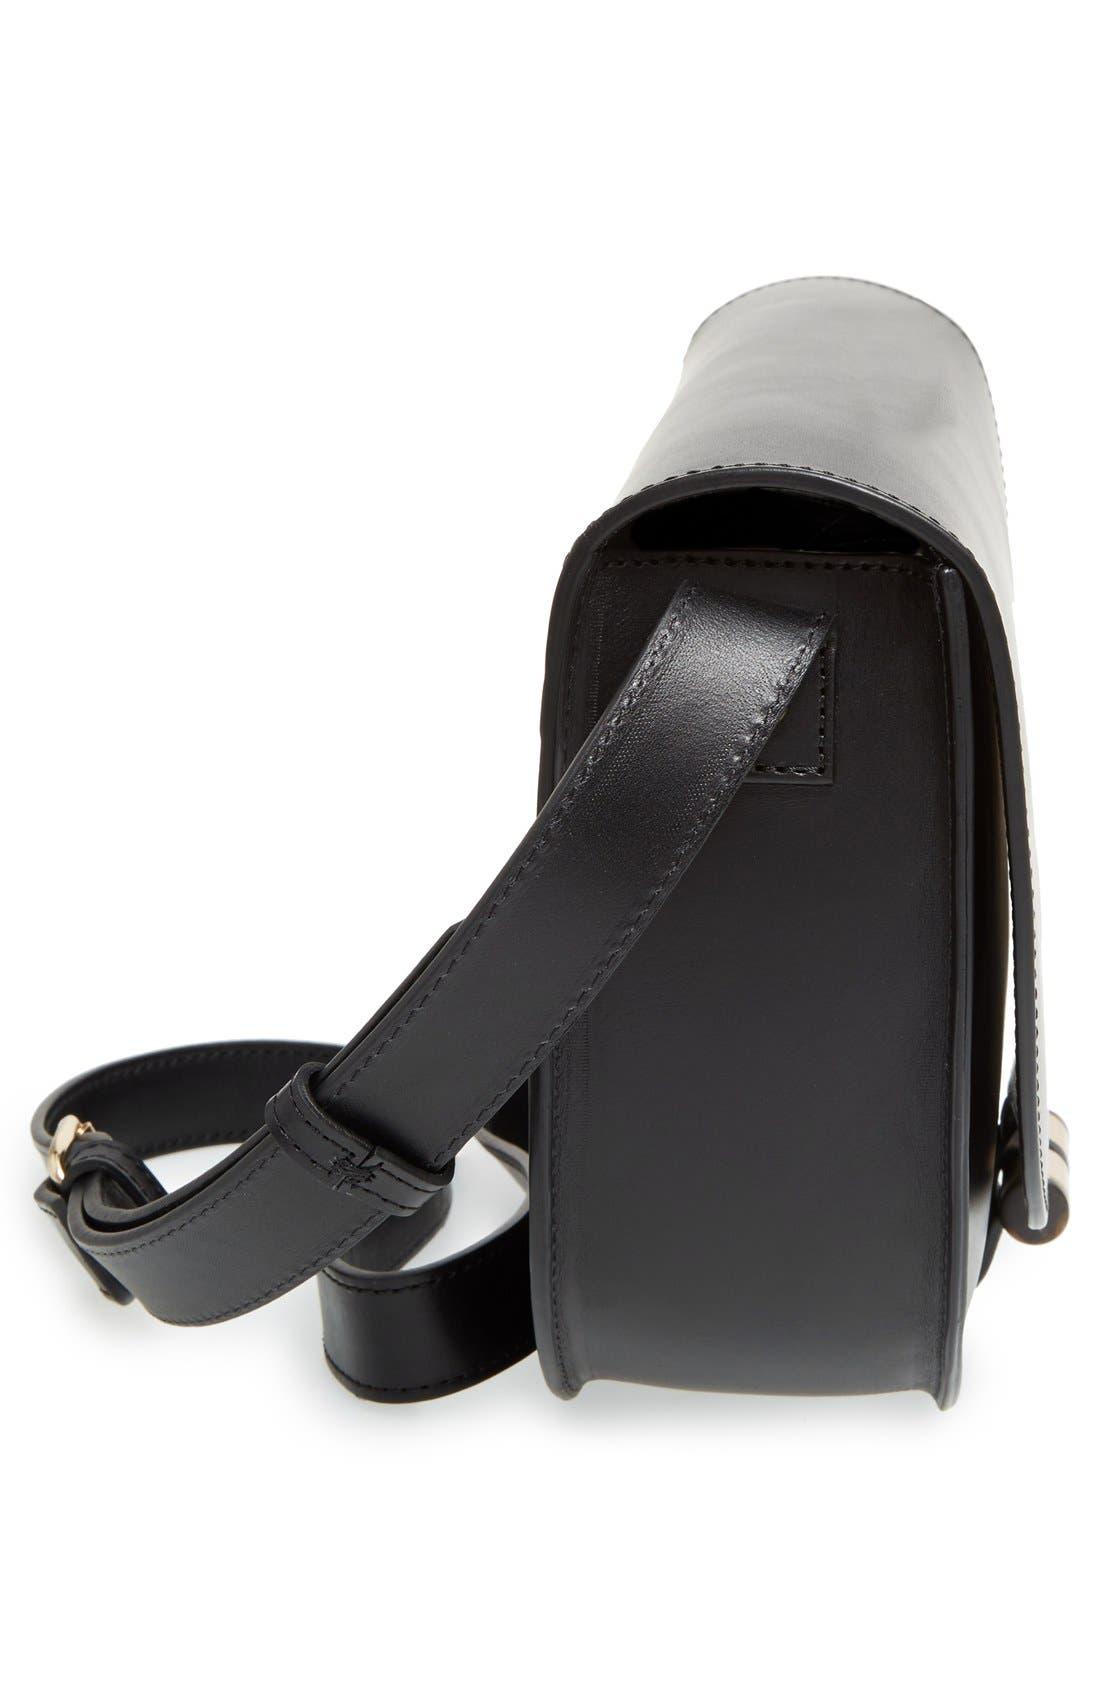 'Sac June' Leather Shoulder Bag,                             Alternate thumbnail 4, color,                             001